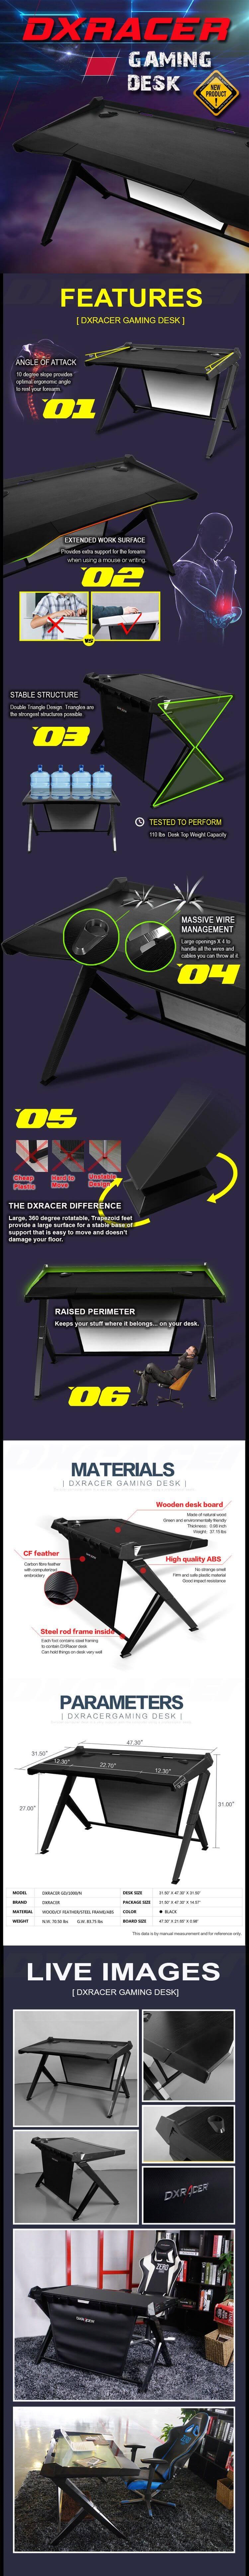 DXRacer Gaming Desk evolved for the ultimate gamer